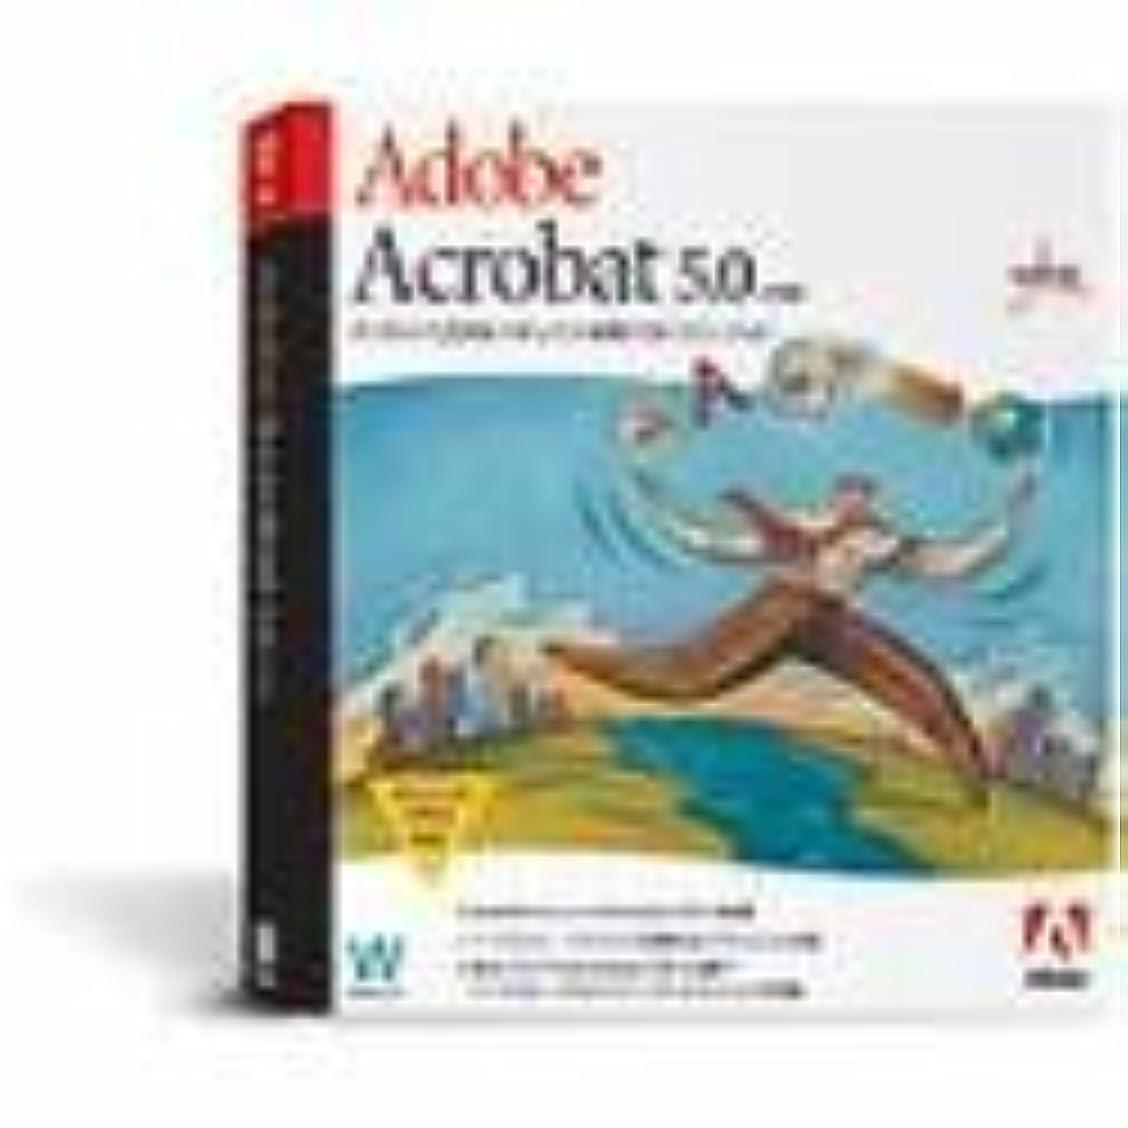 エスニックこんにちはマイコンAdobe Acrobat 5.0 日本語版 Macintosh版 ガイドBook付き